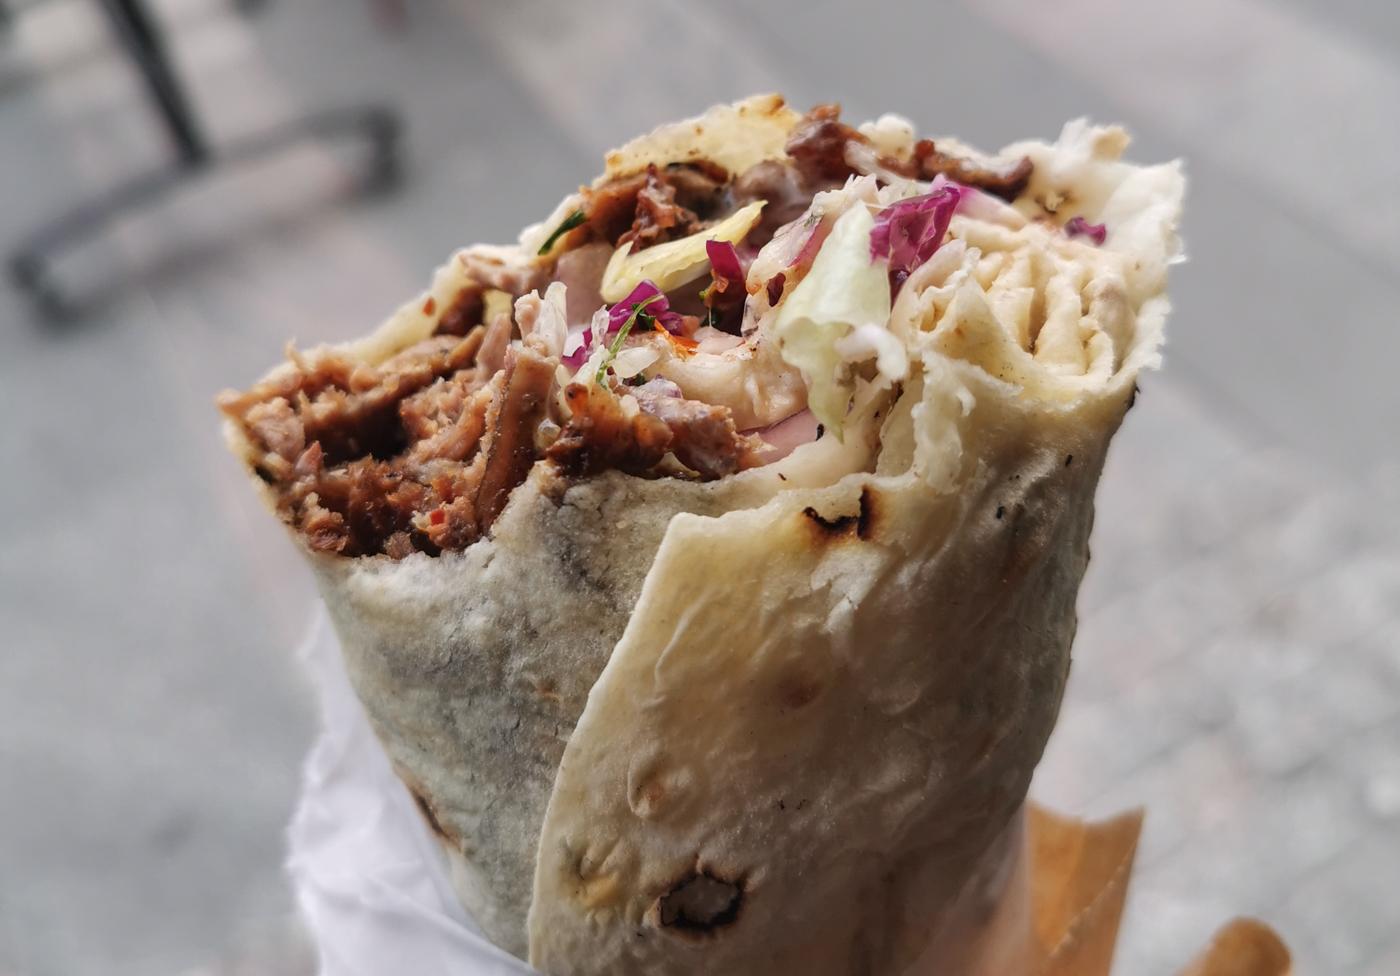 Royal Shawarma Bar: Melder klar med kål og hjemmelavet chilisauce